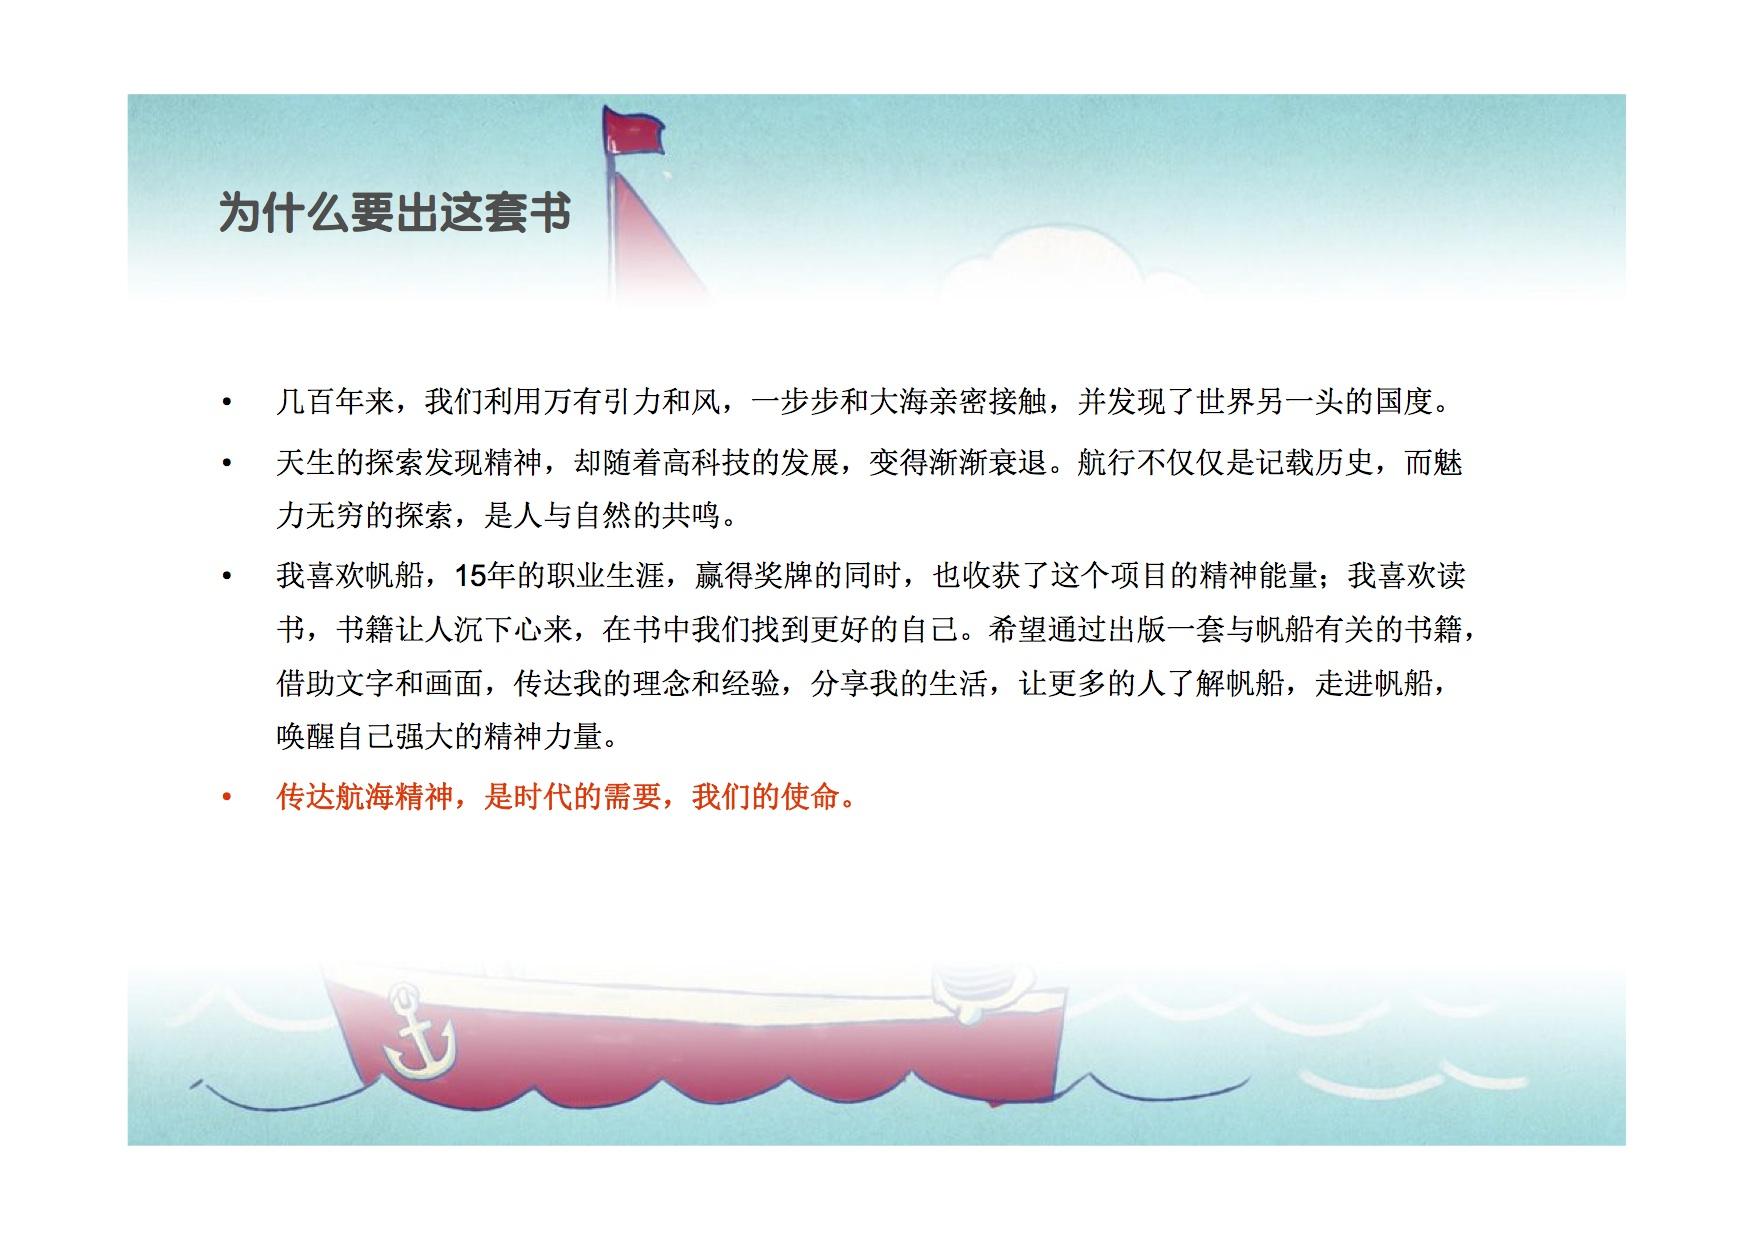 徐莉佳,帆船 一起来支持徐莉佳帆船漫画系列书 绘本帆船创作企划案4.jpg